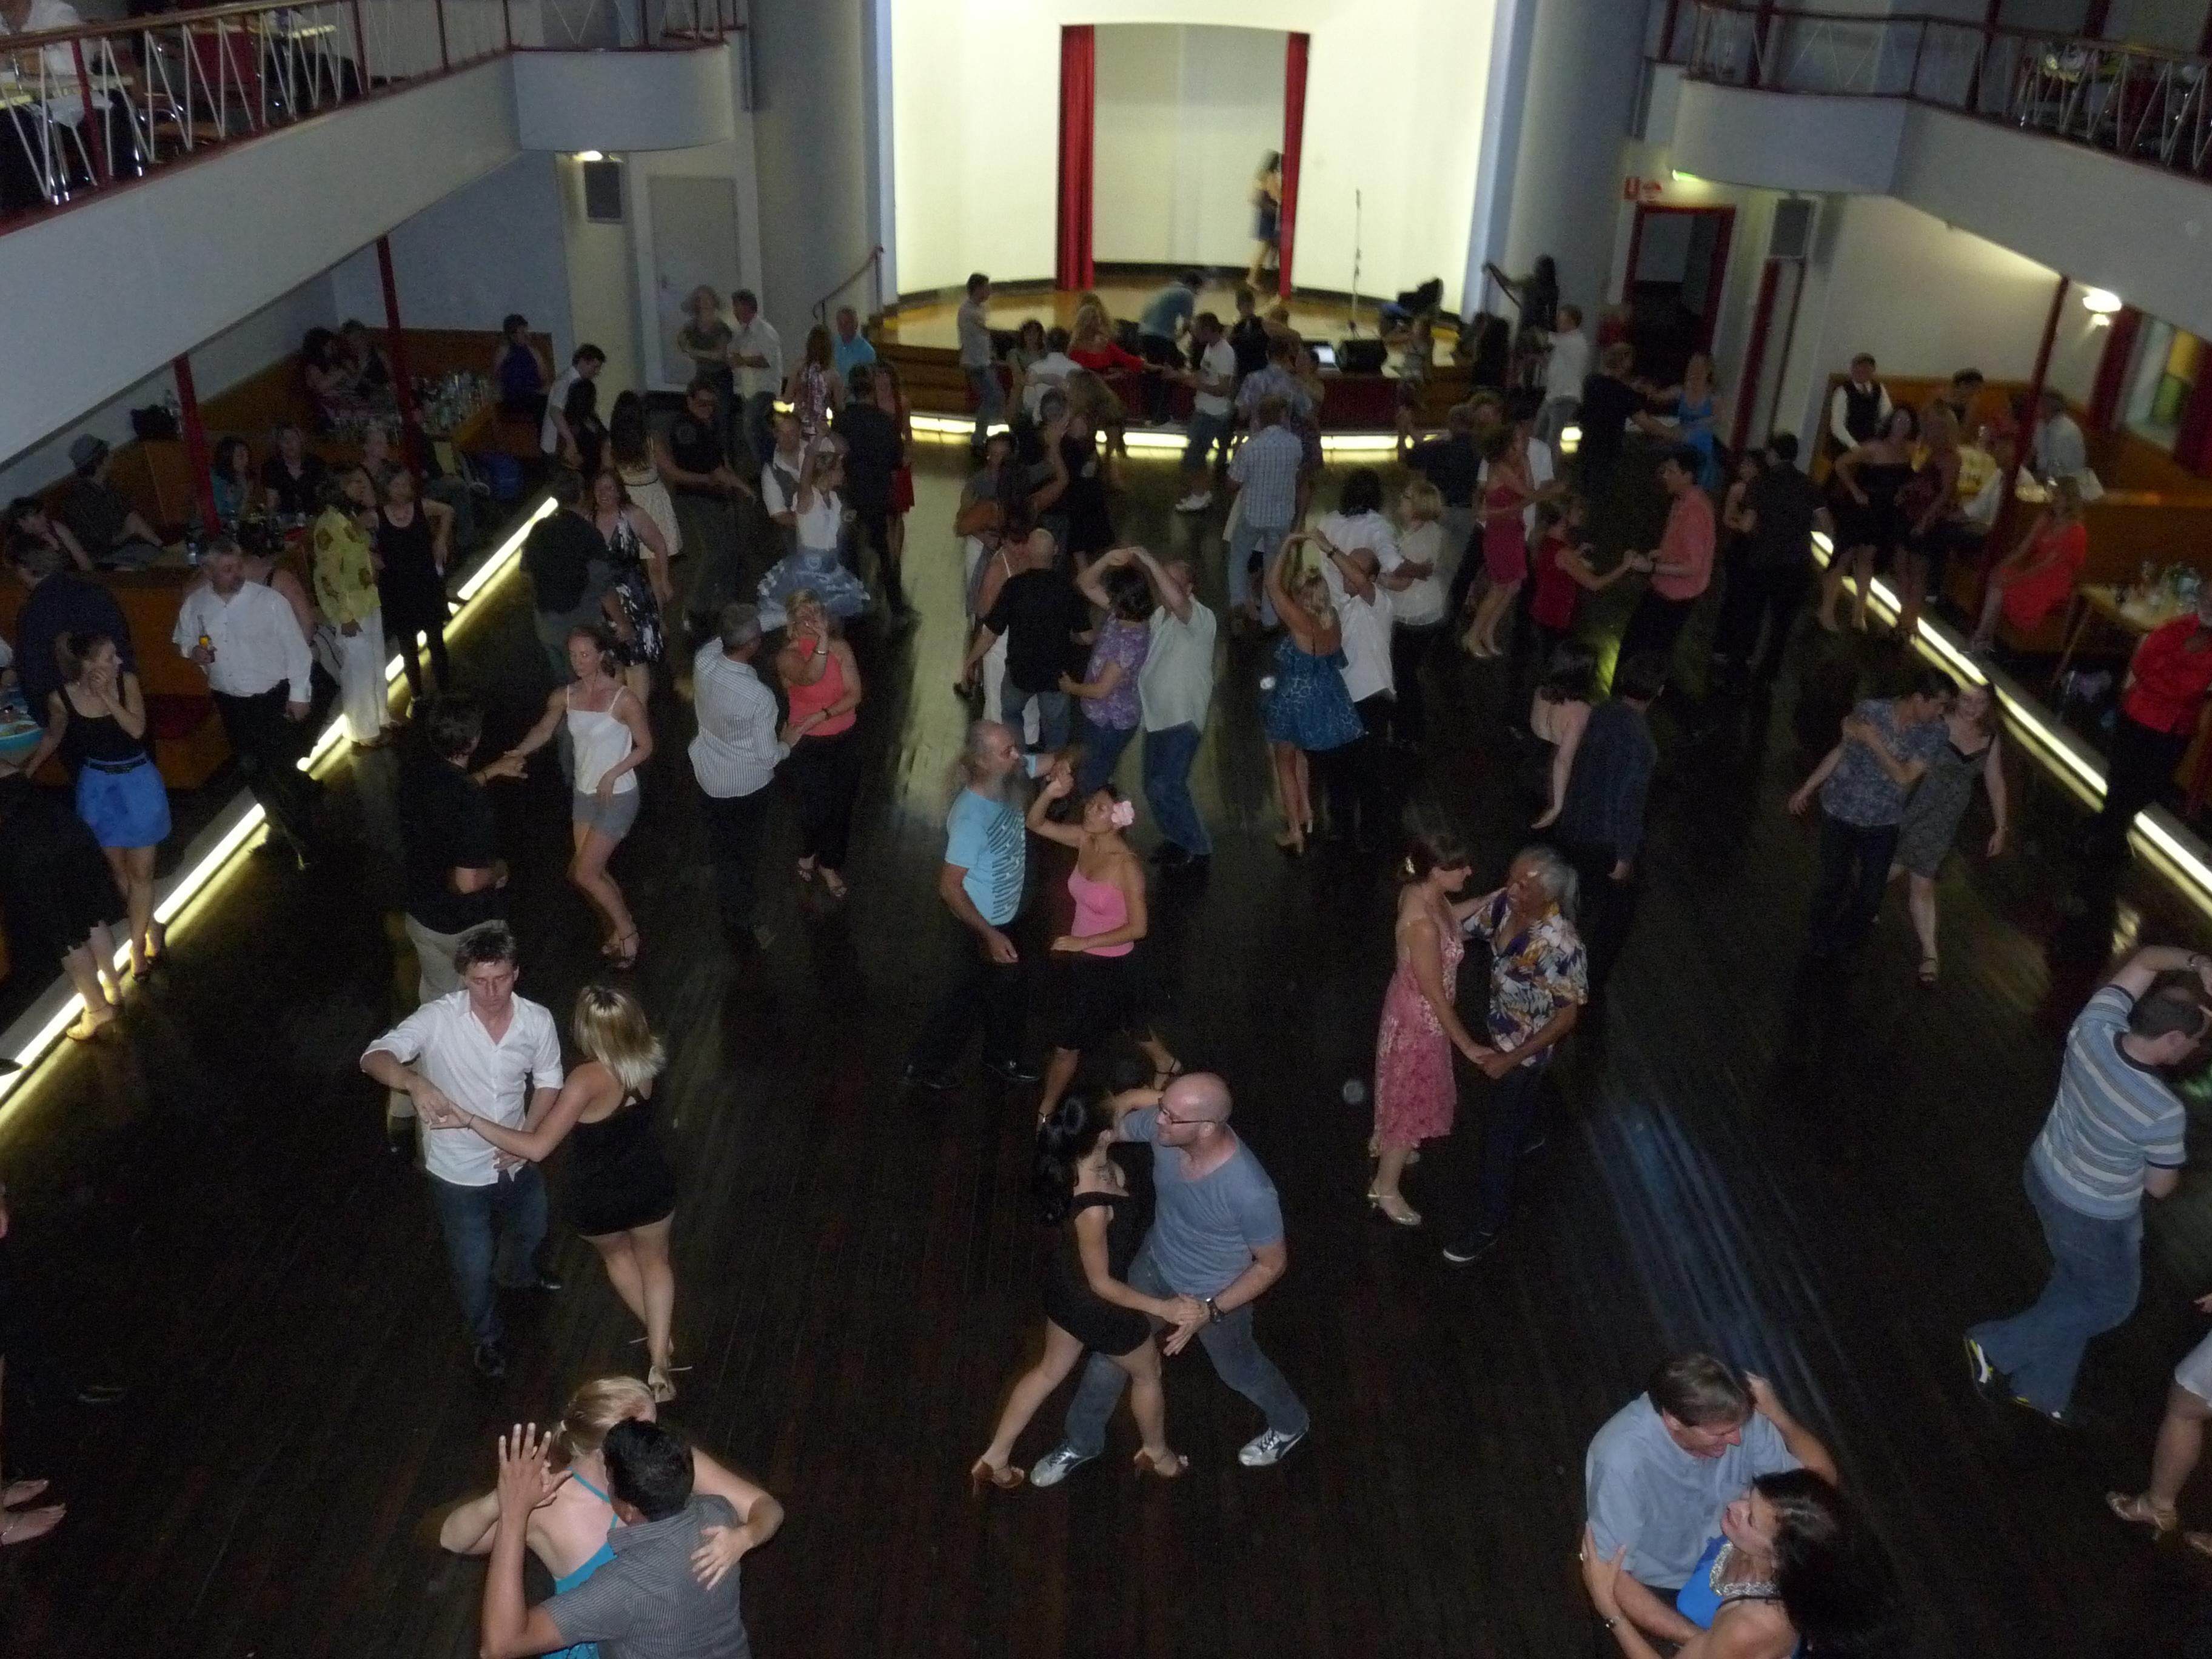 Burnside Ballroom